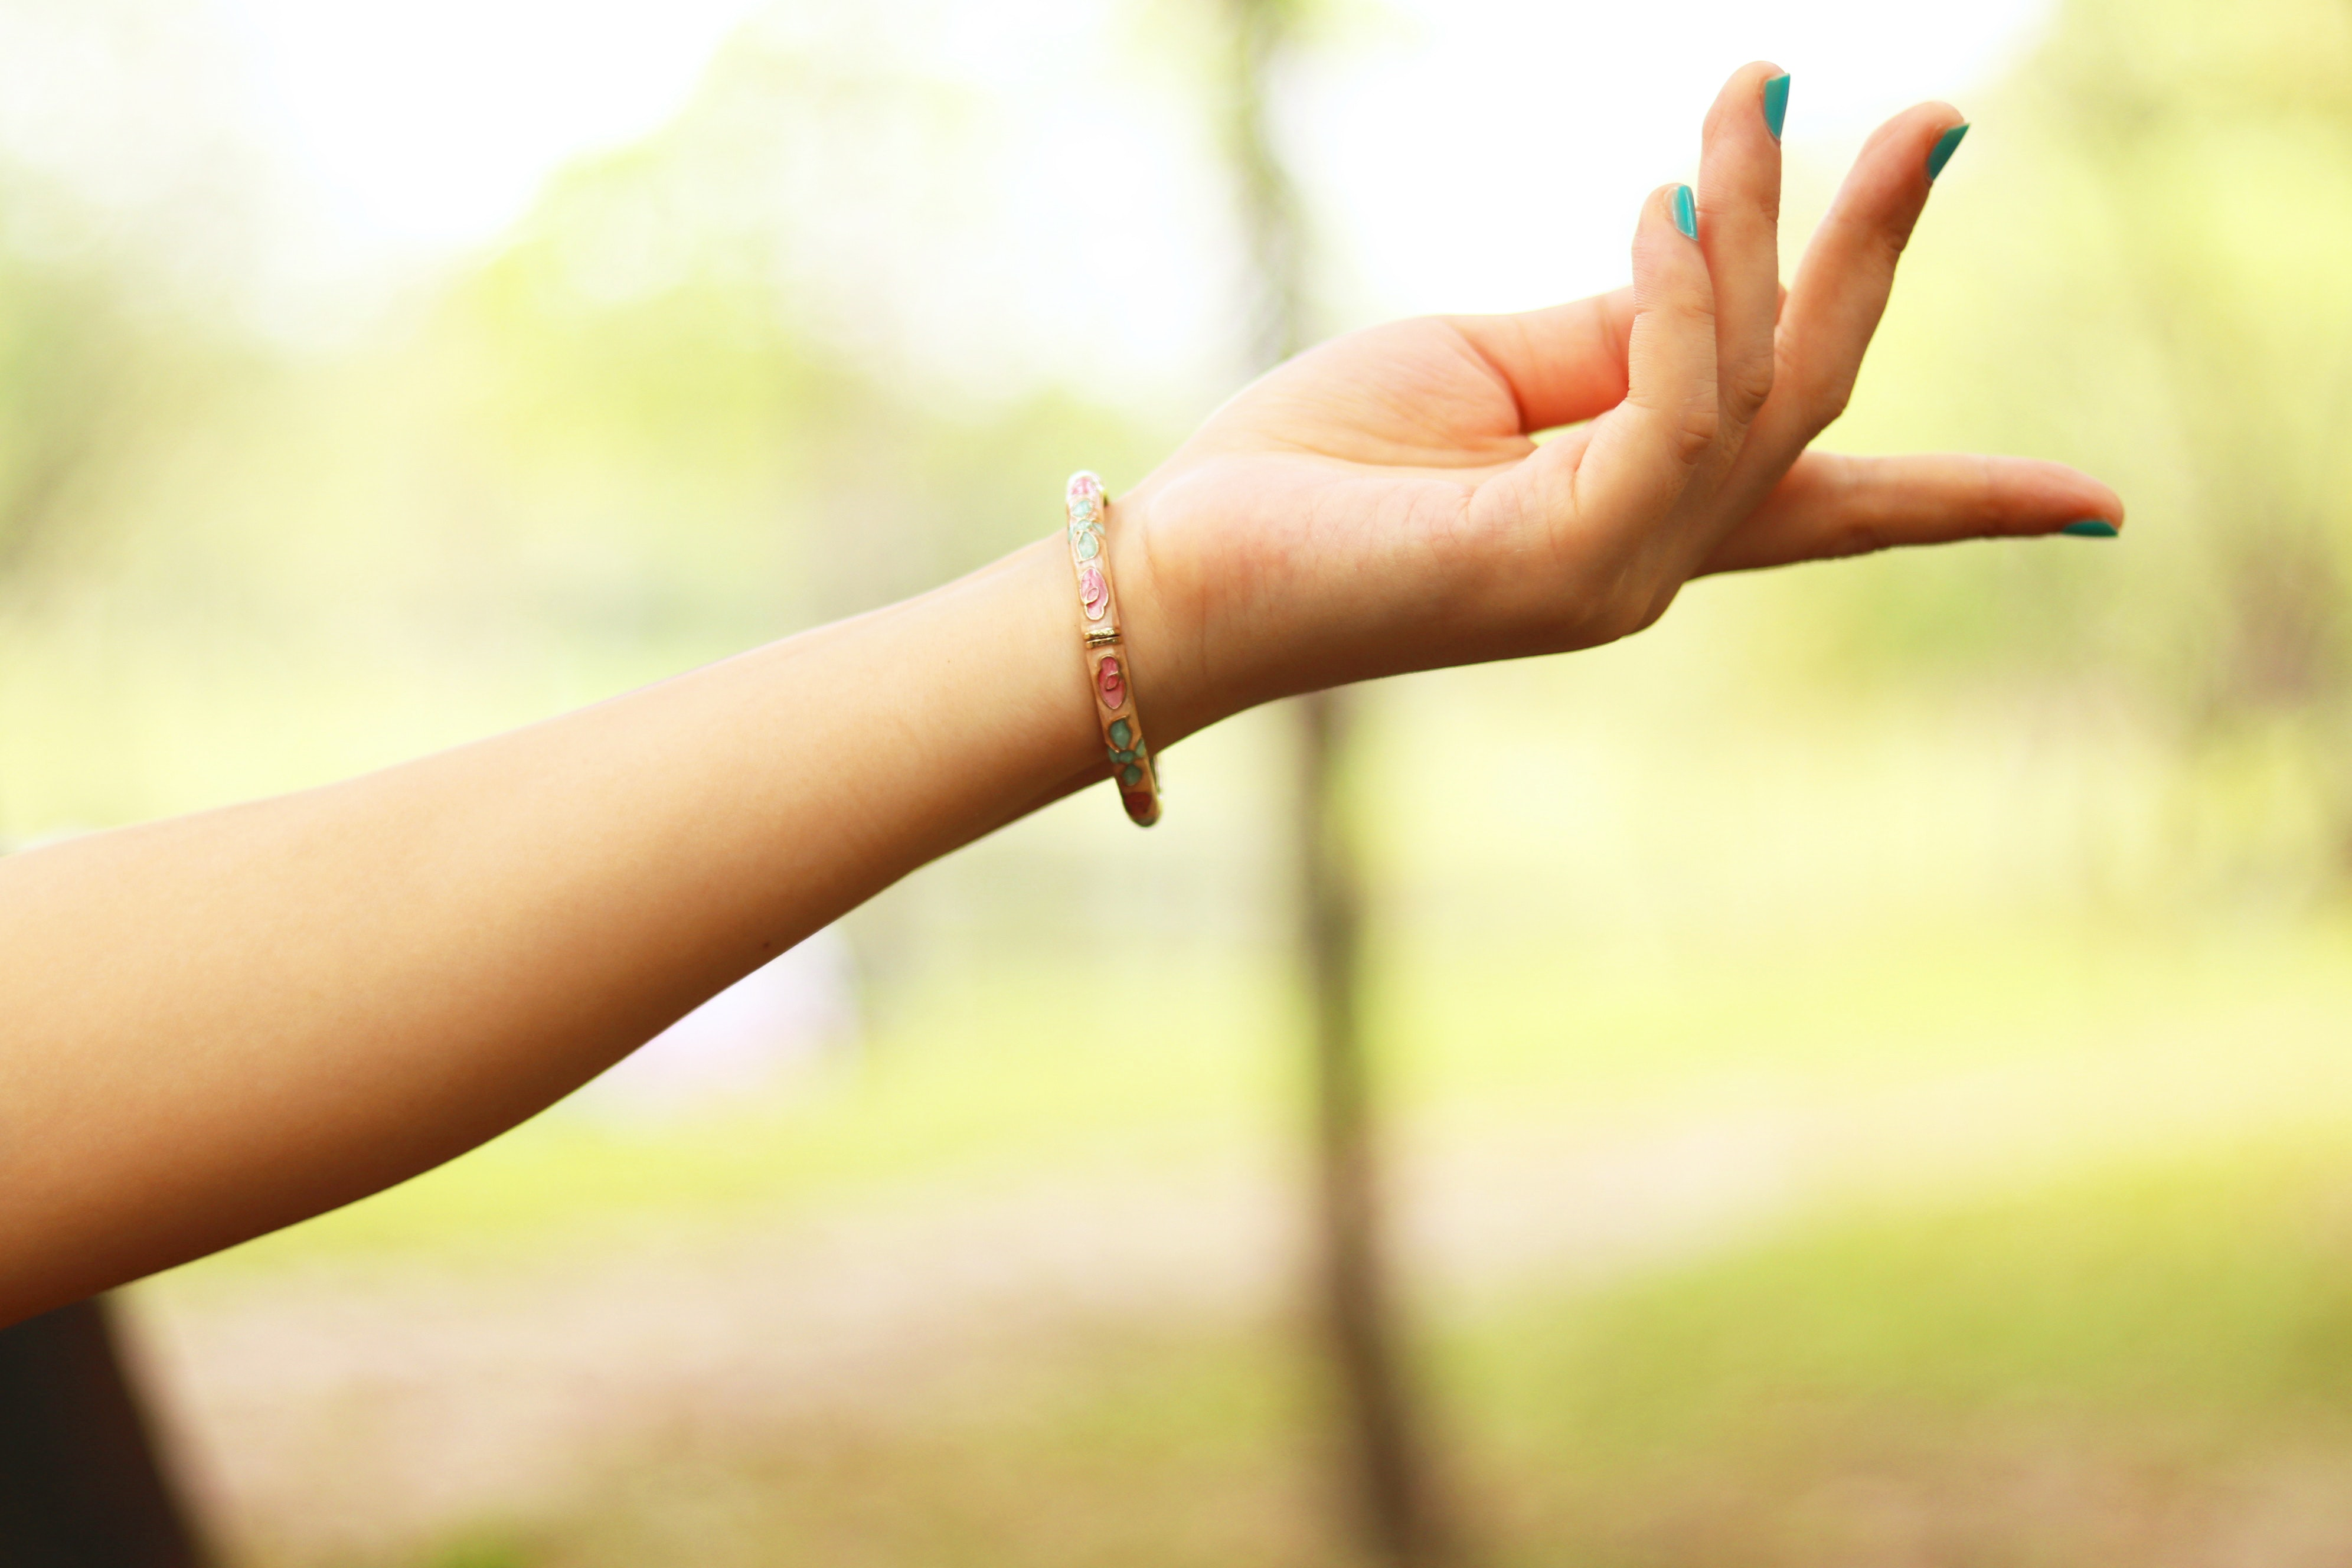 Téli vitaminpótlás az ápolt kezekért